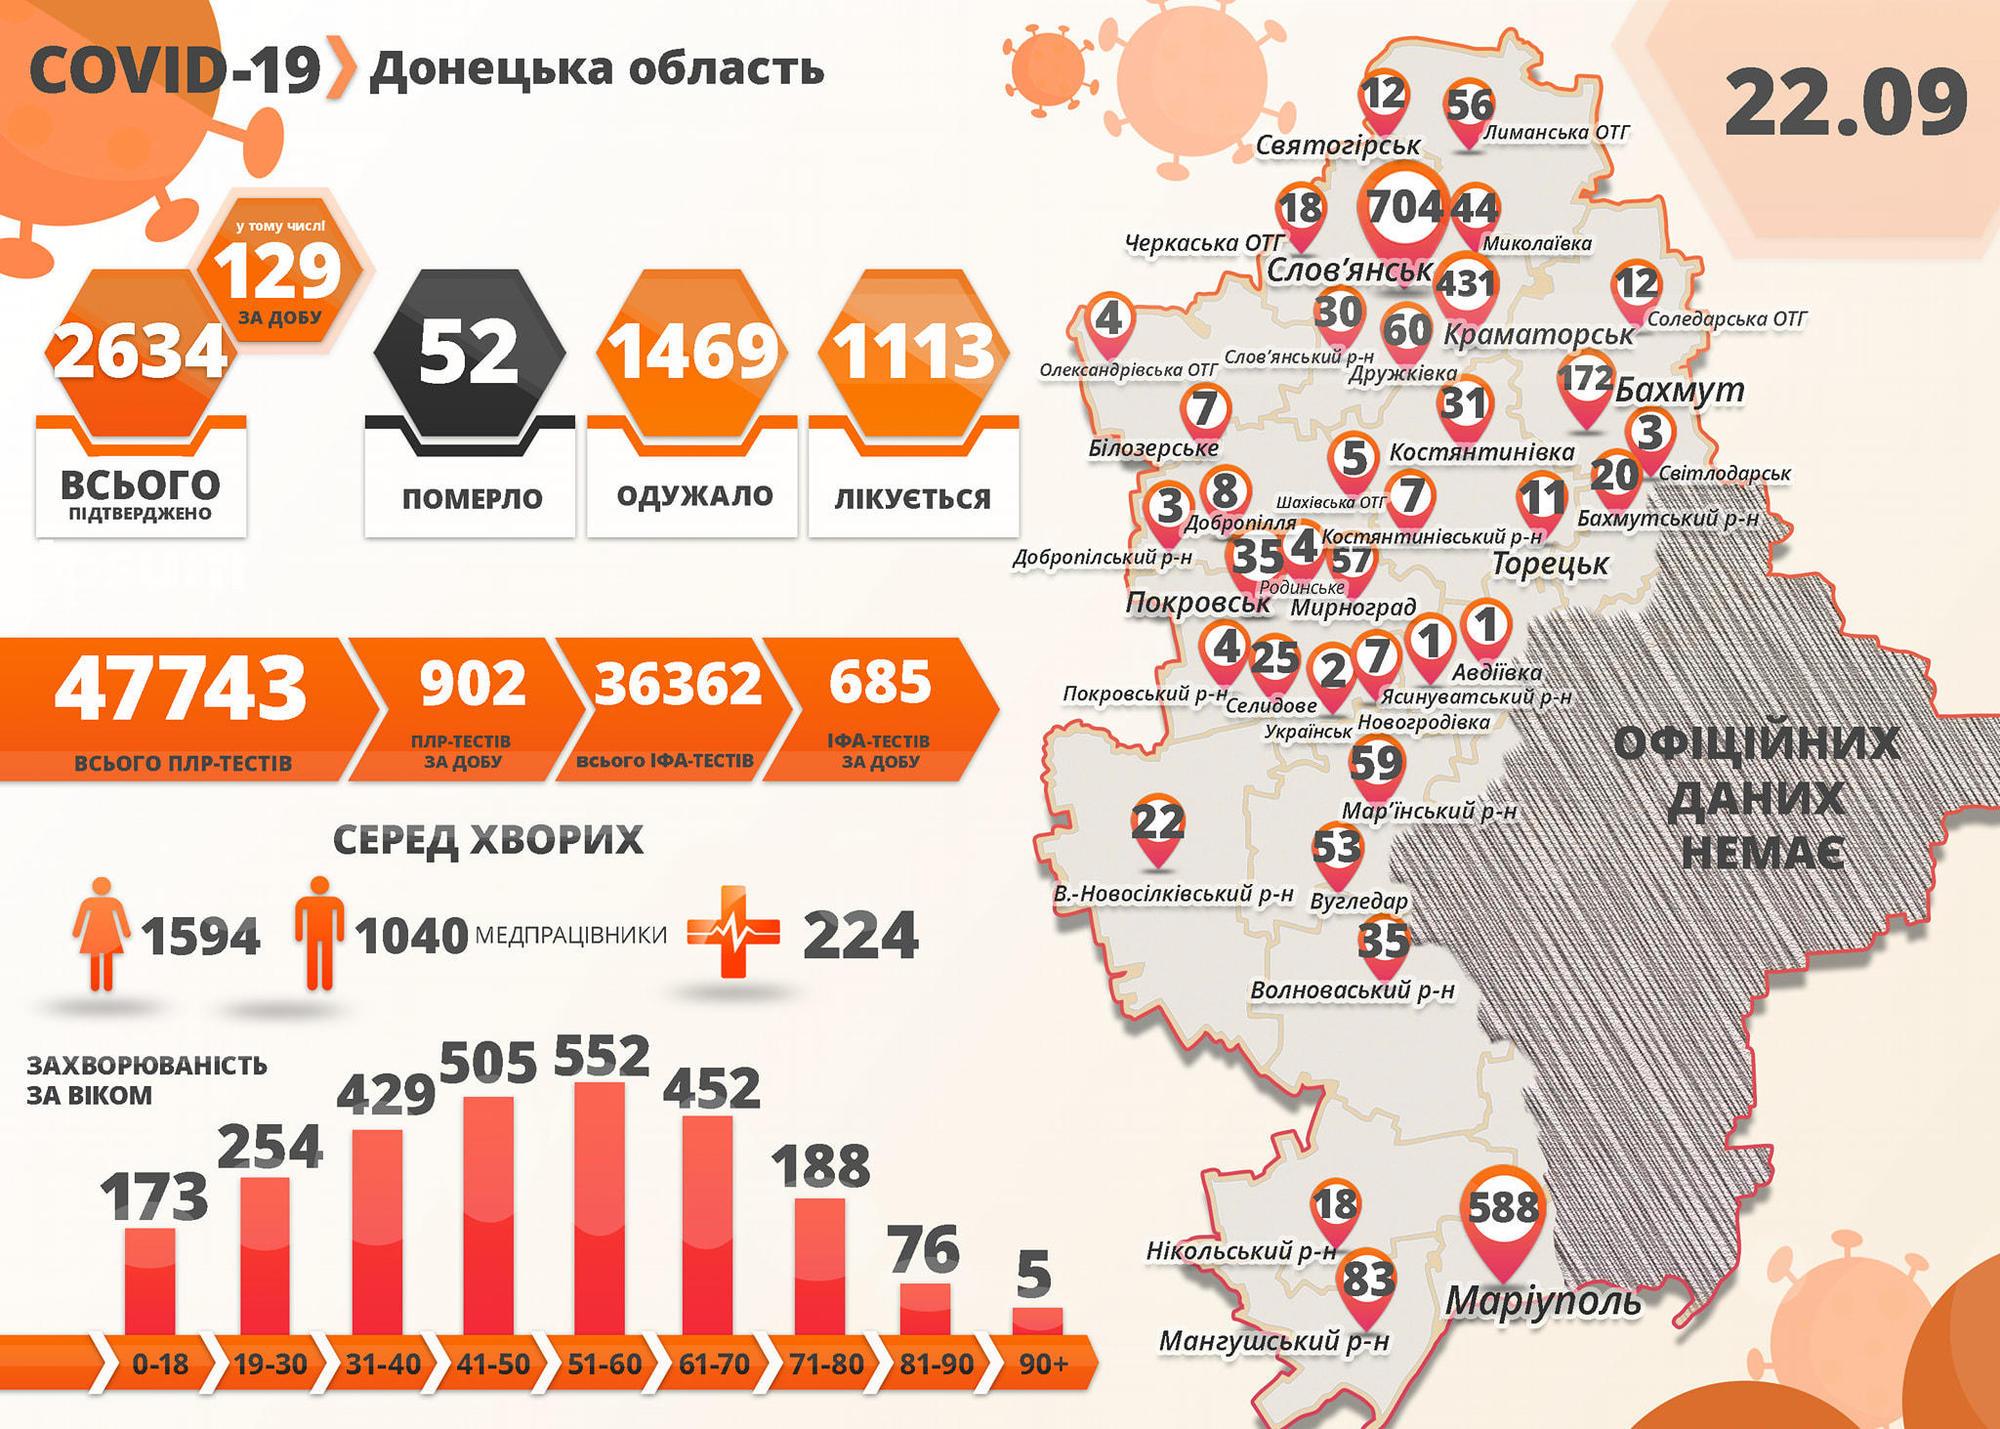 На подконтрольной Донетчине – 129 новых больных с COVID-19 и еще 2 смерти